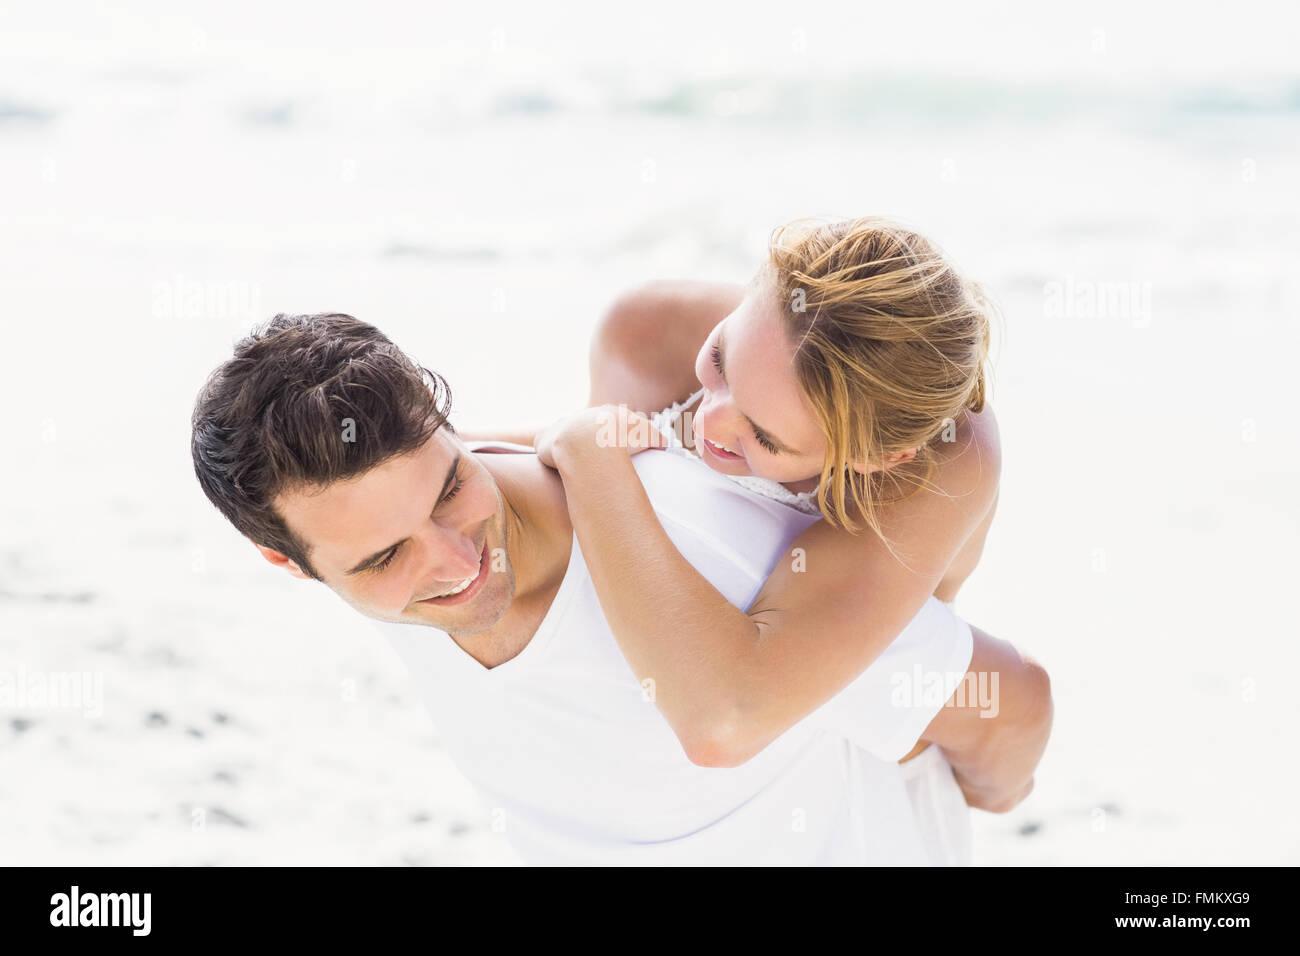 Hombre haciendo un piggy back a mujer en la playa Imagen De Stock